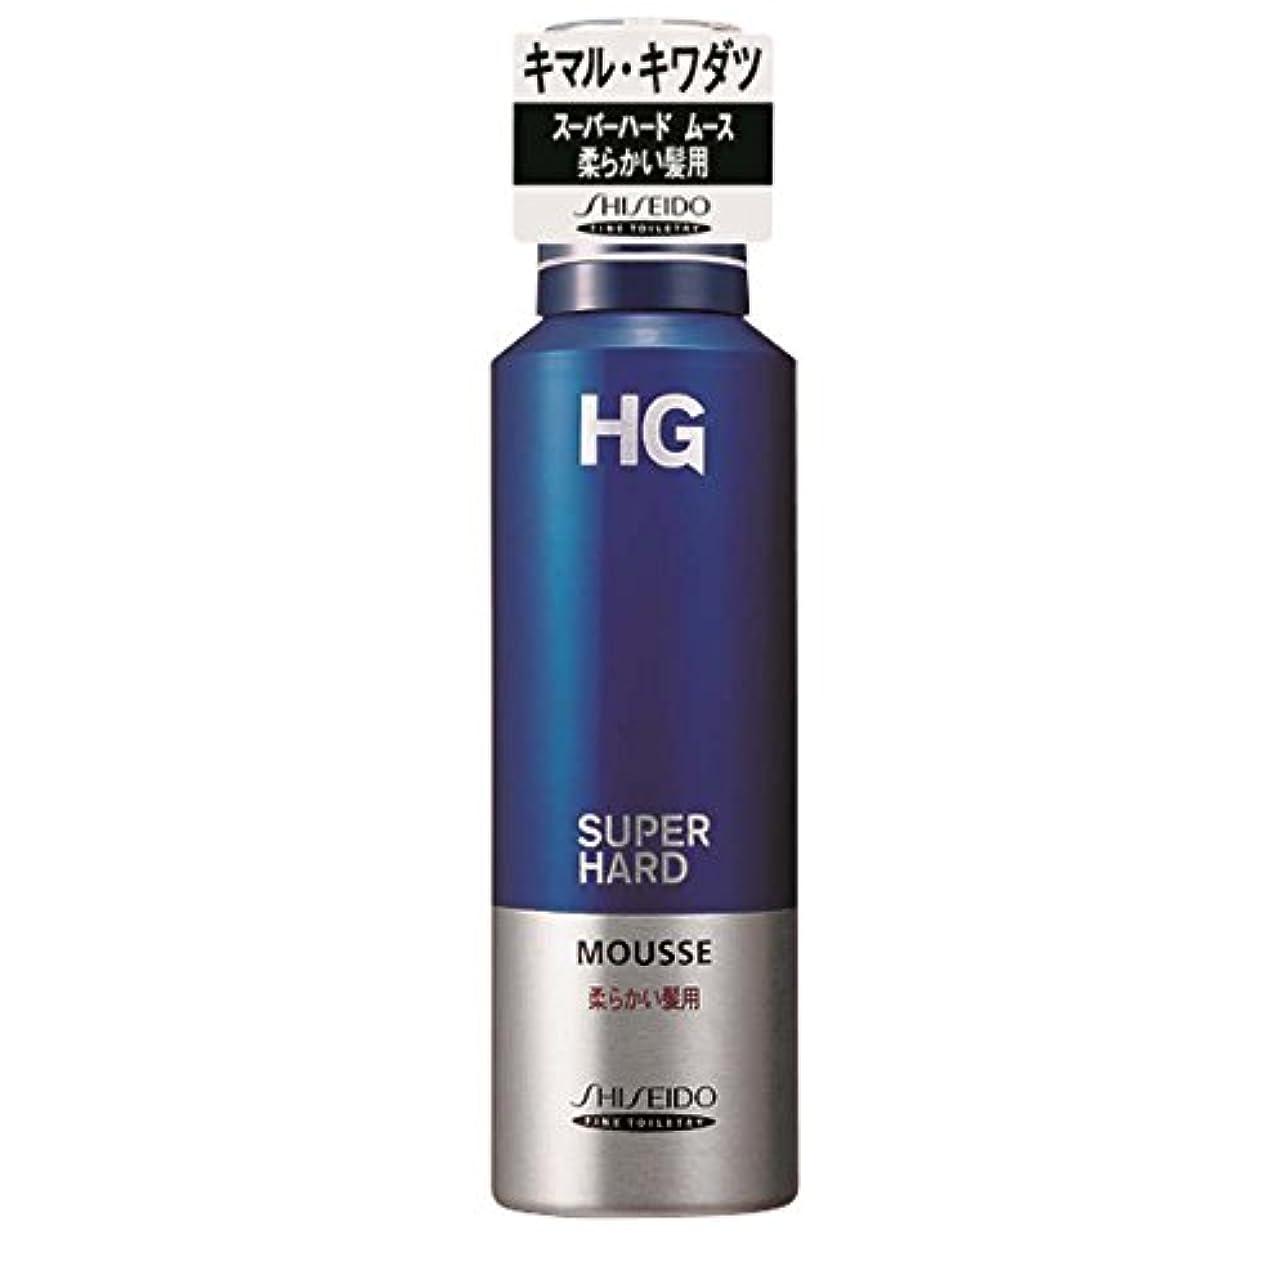 良心何よりも和解するHG スーパーハード ムース 柔かい髪 180g